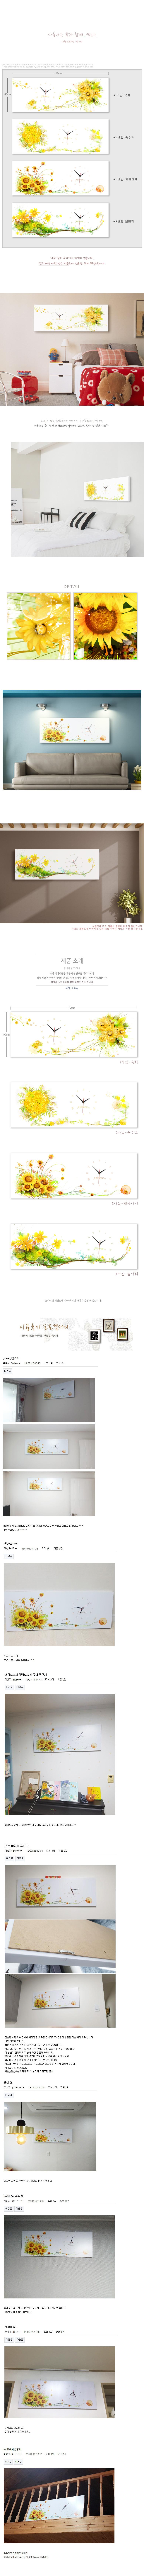 아름다운꽃과함께_옐로우_대형노프레임벽시계 - 꾸밈, 79,600원, 벽시계, 디자인벽시계